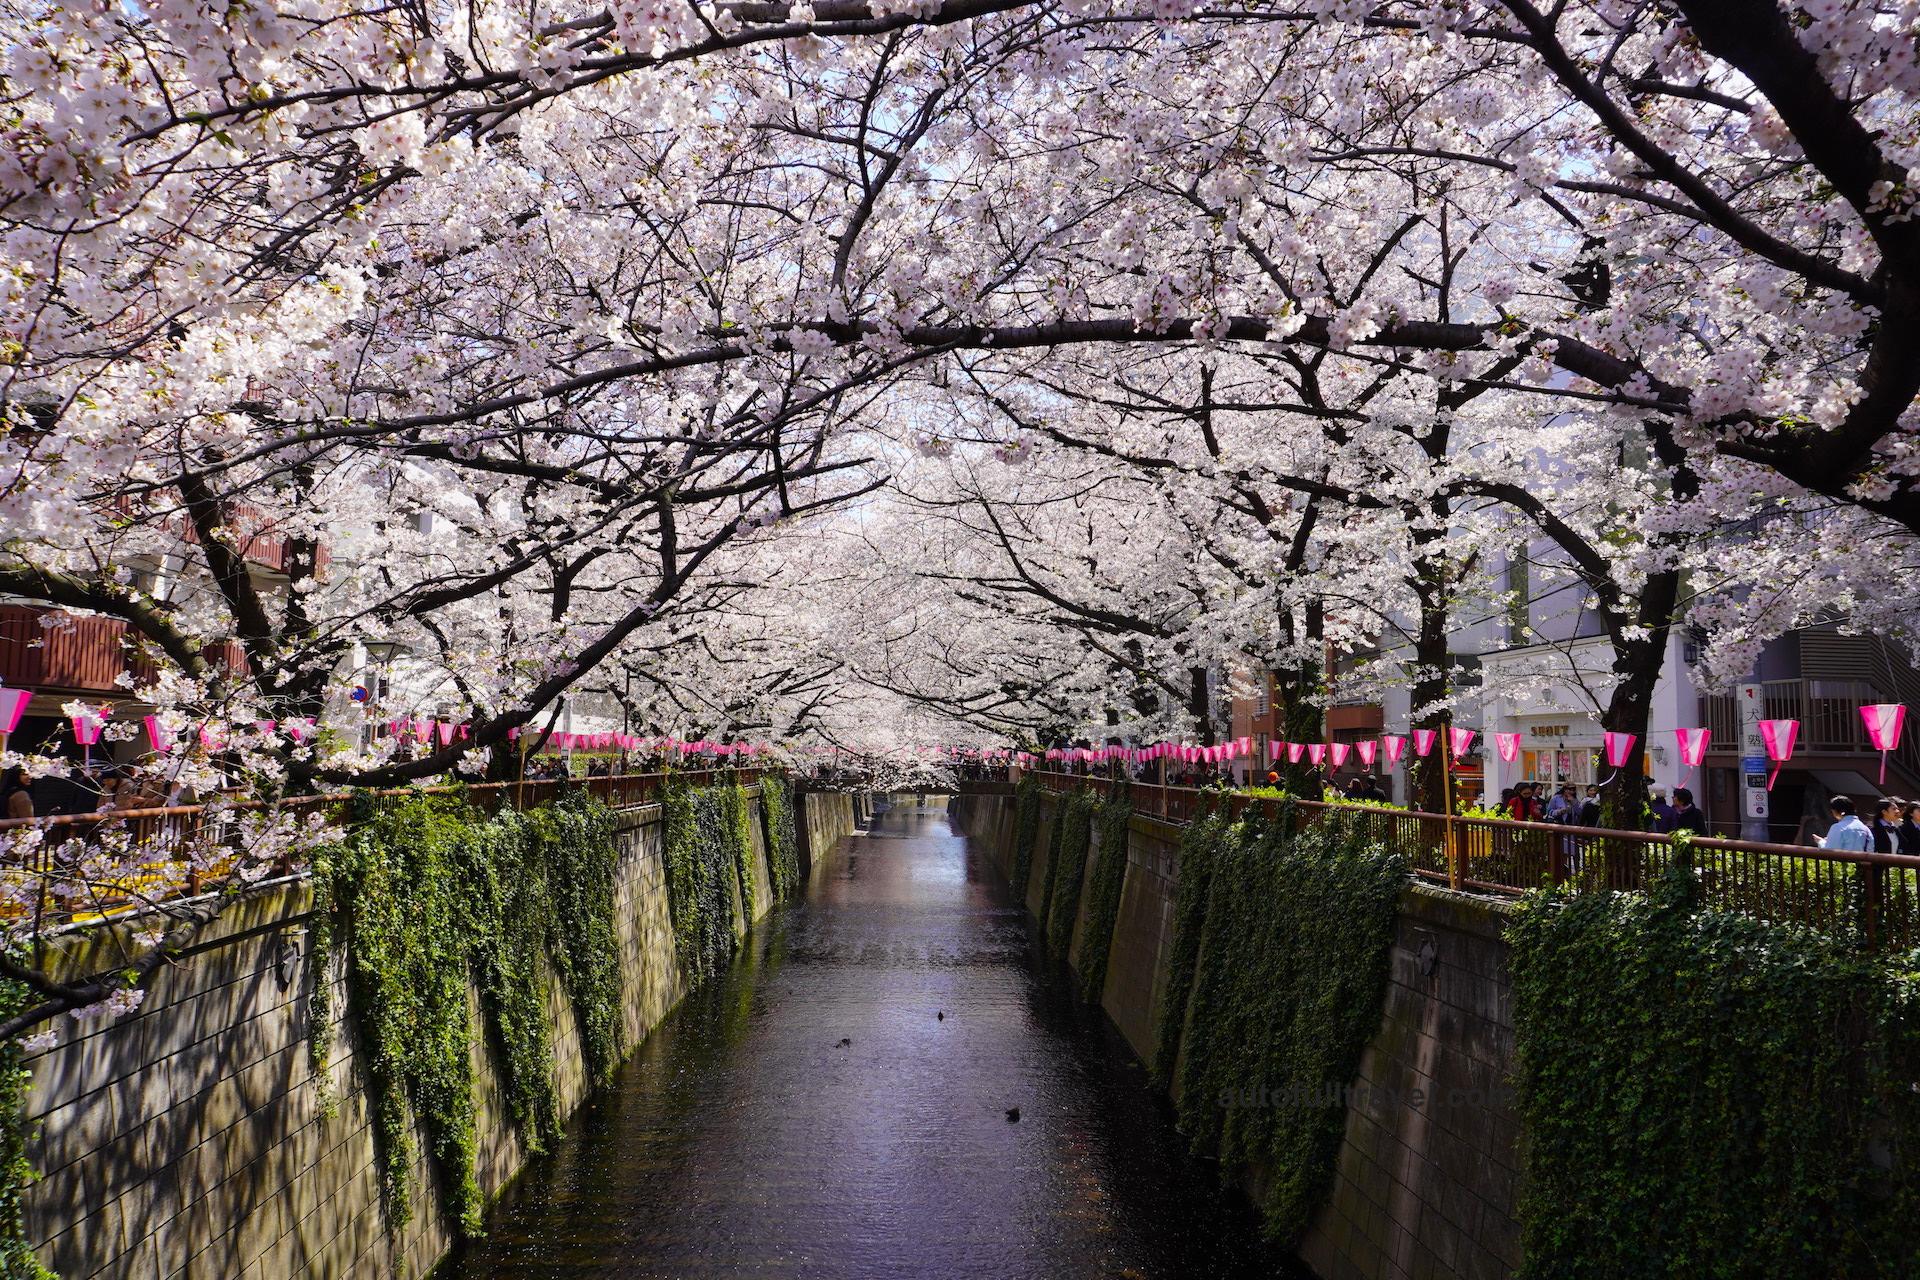 สองฝั่งแม่น้ำ เมกูโระ ชมซากุระกว่า 800 ต้น แหล่งท่องเที่ยวสุดฮิต ชานกรุงโตเกียว